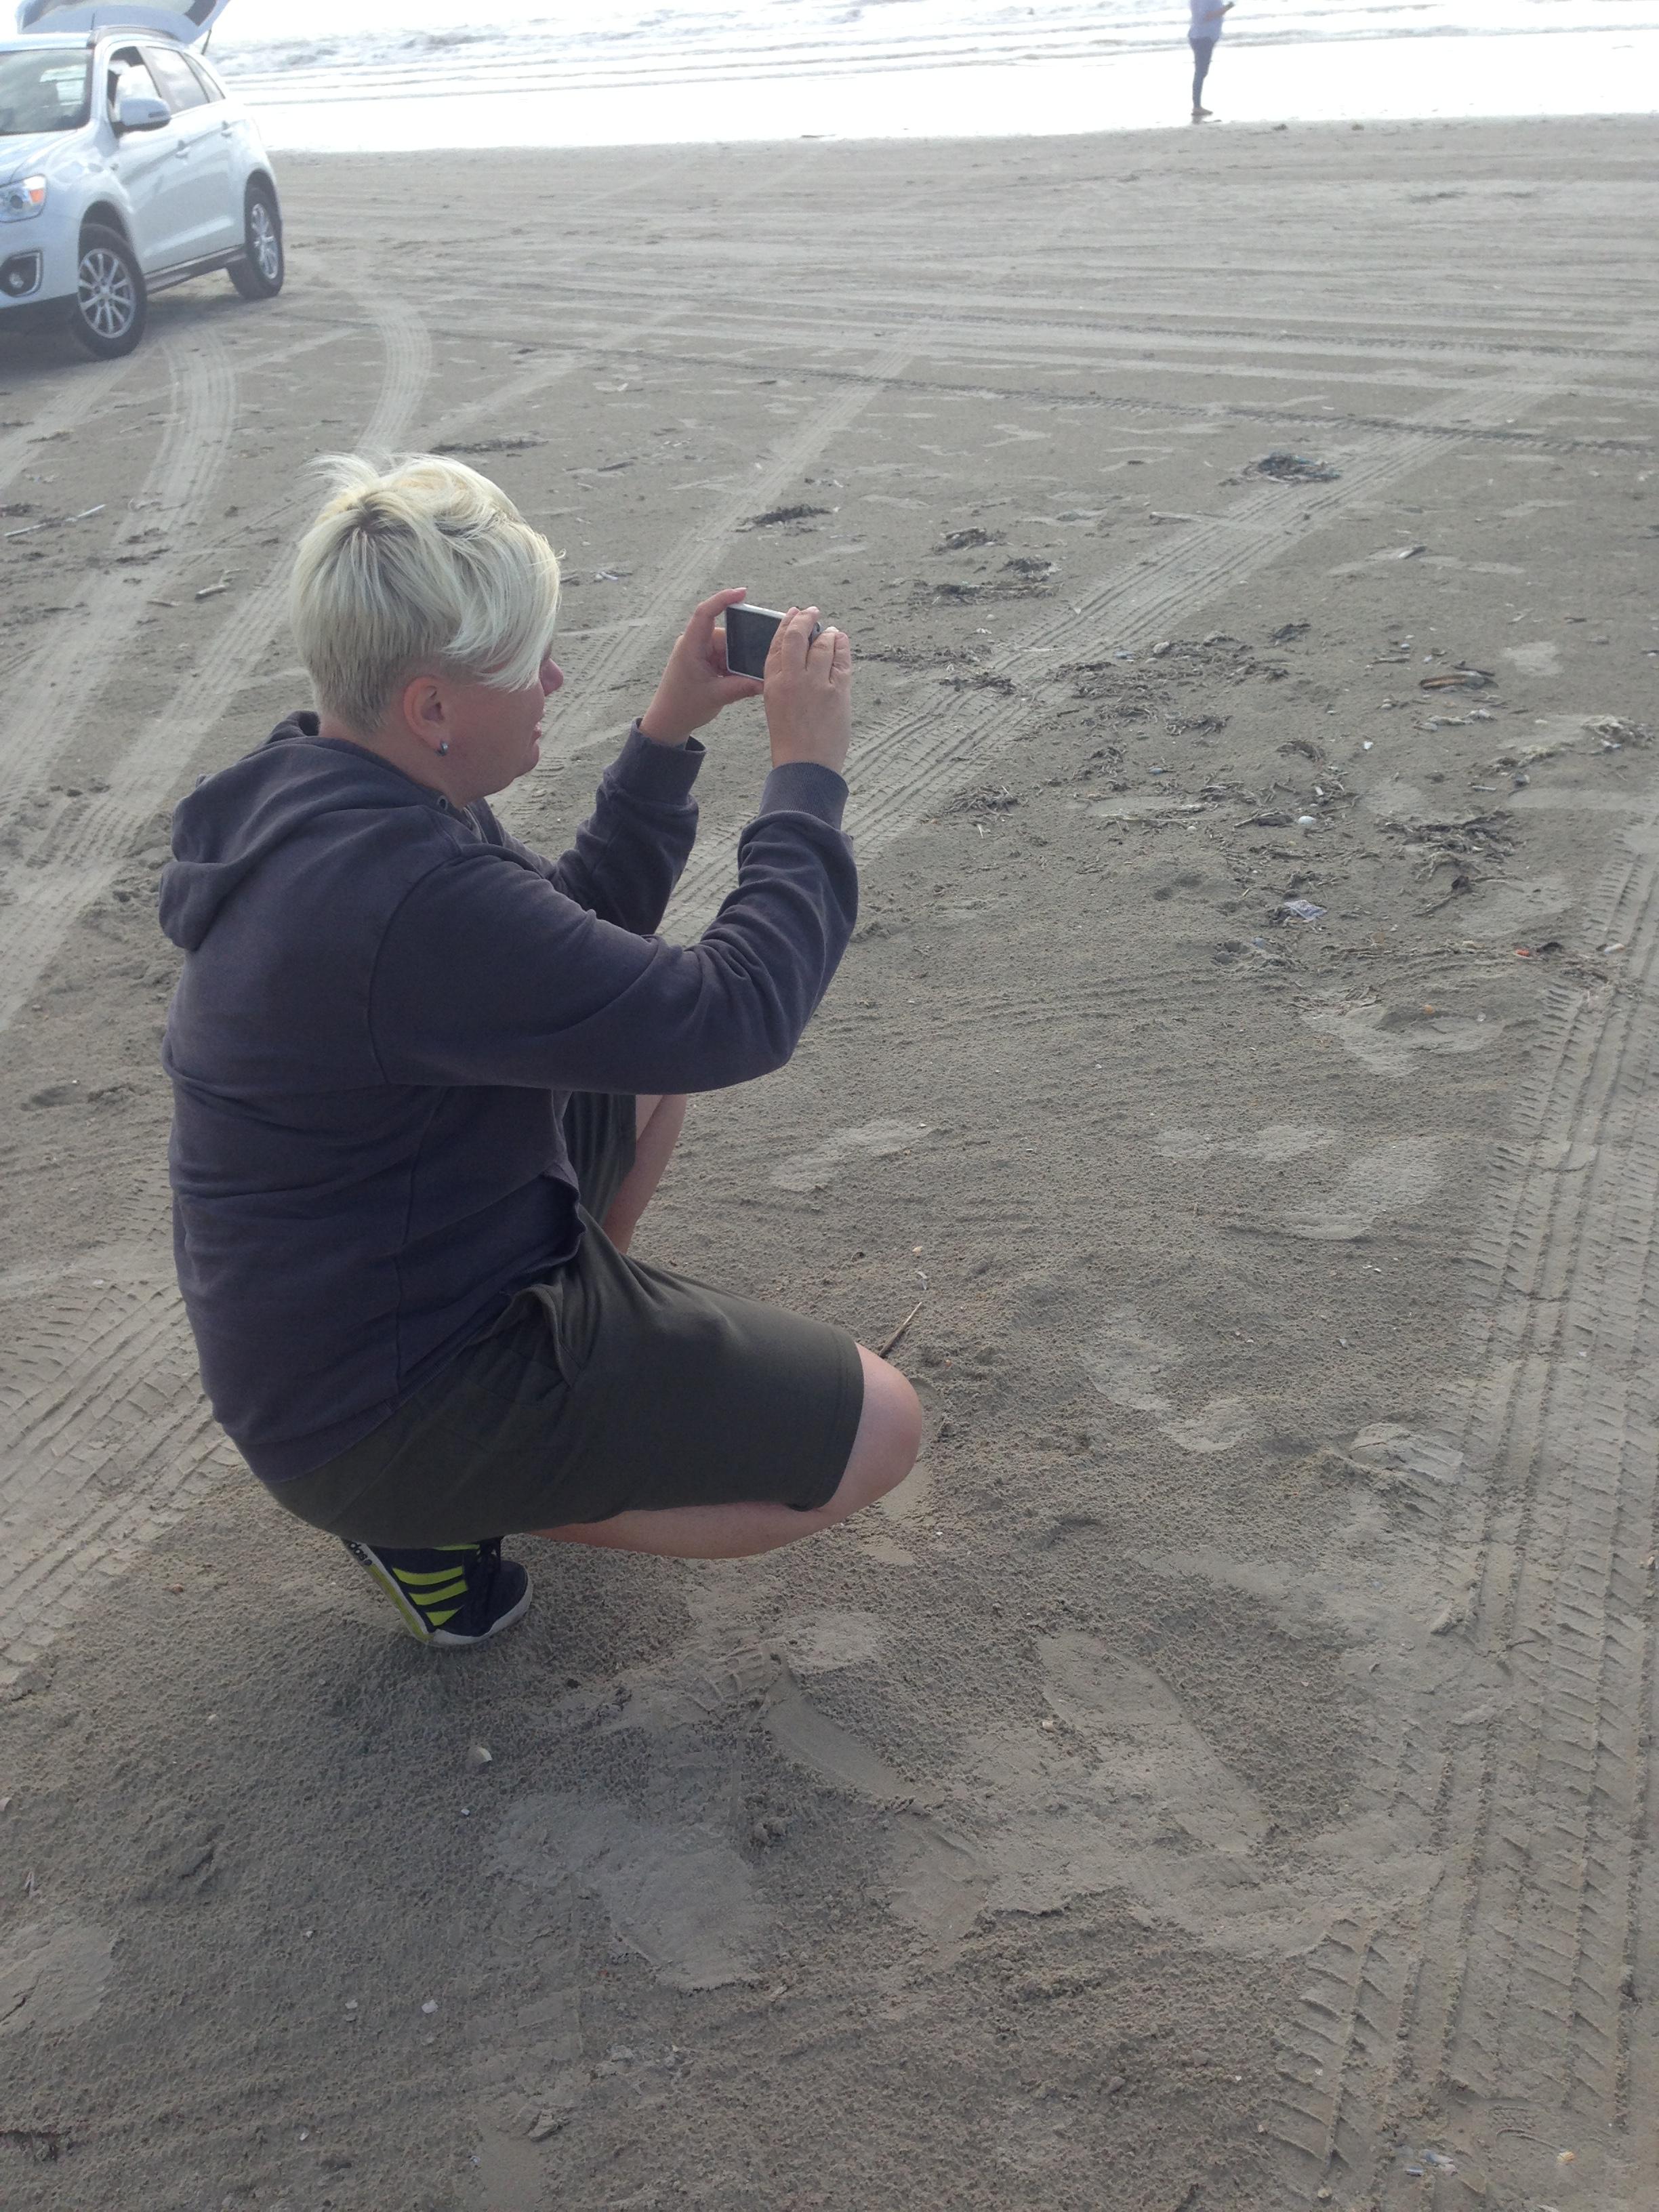 Zwillingsratgeber iphone_mai2016-1049 Dänemark - Tour an der Küste lang